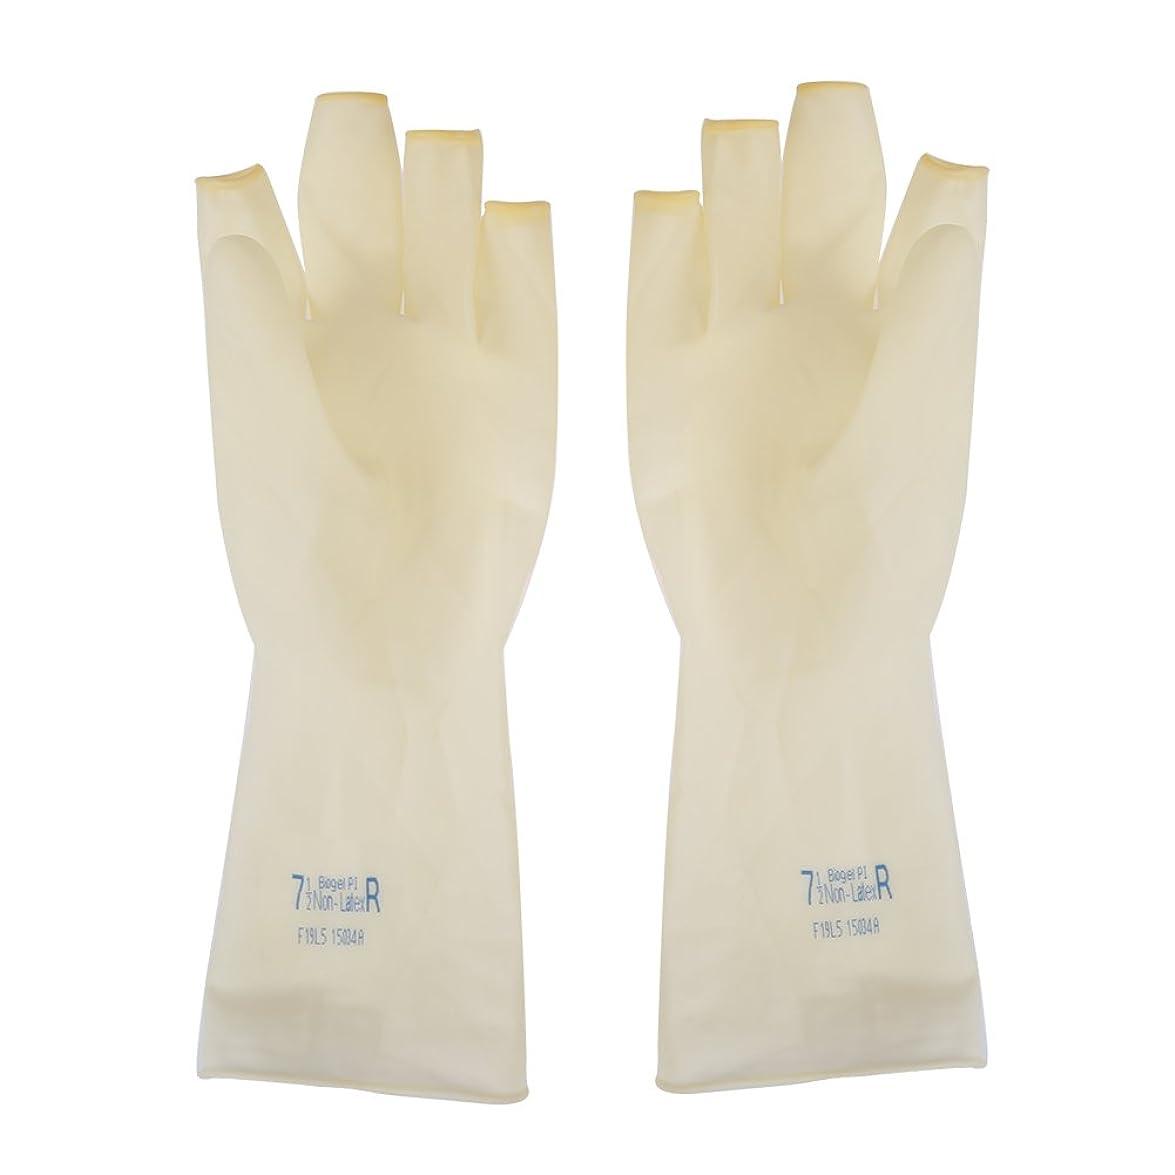 むちゃくちゃ権限エゴマニアAEdiea 1ペア ゴム手袋 ? 毛染め手袋 使い捨て 弾性 伸縮性 ヘアサロン サロンツール (M)